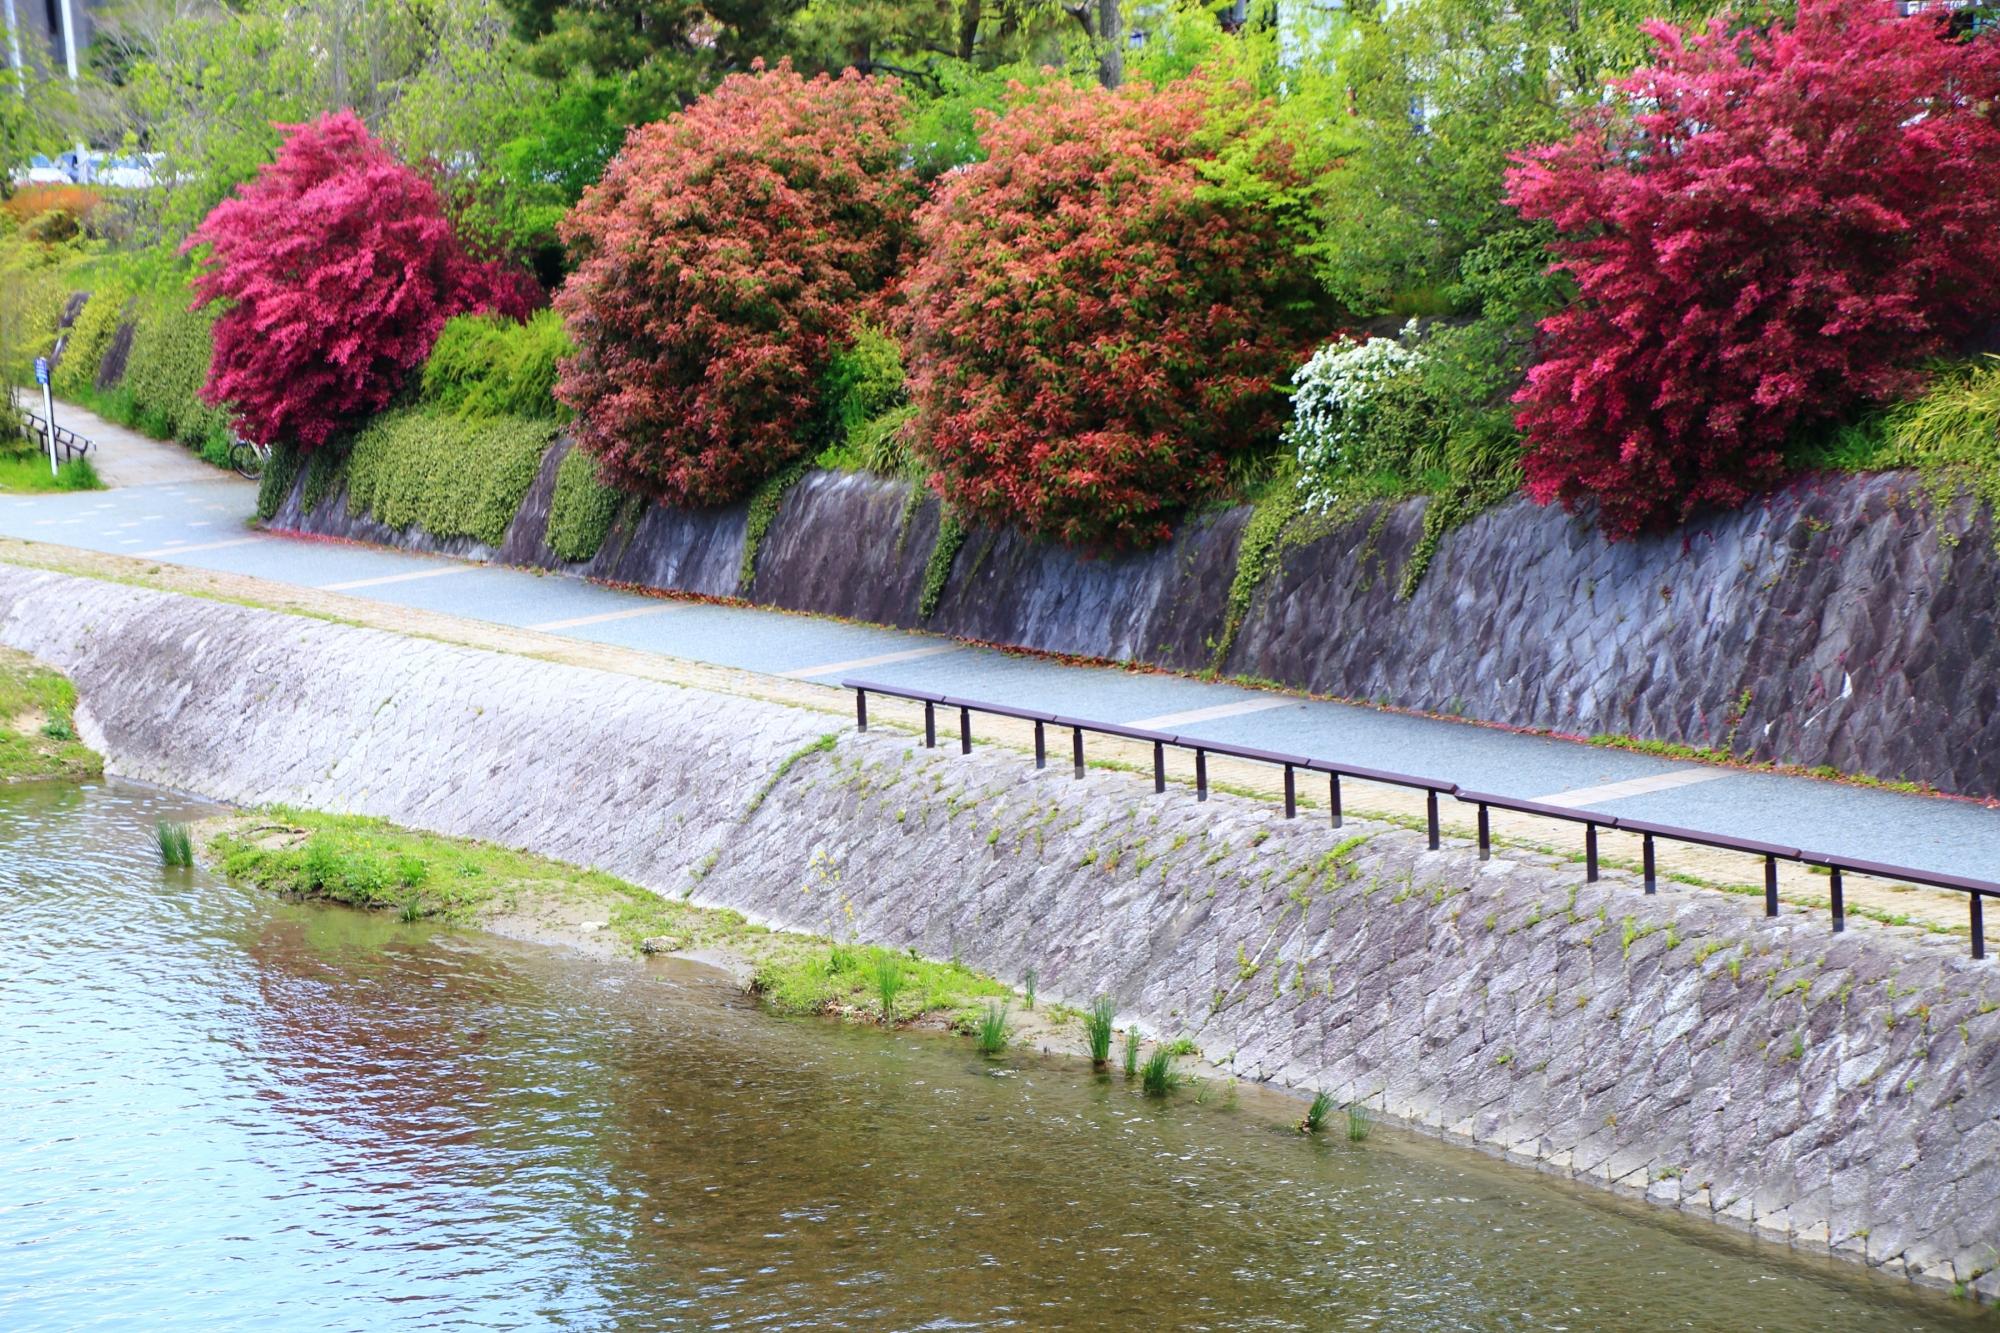 鴨川の素晴らしい紅花常磐万作(ベニバナトキワマンサク)や小手毬(コデマリ)と春の情景